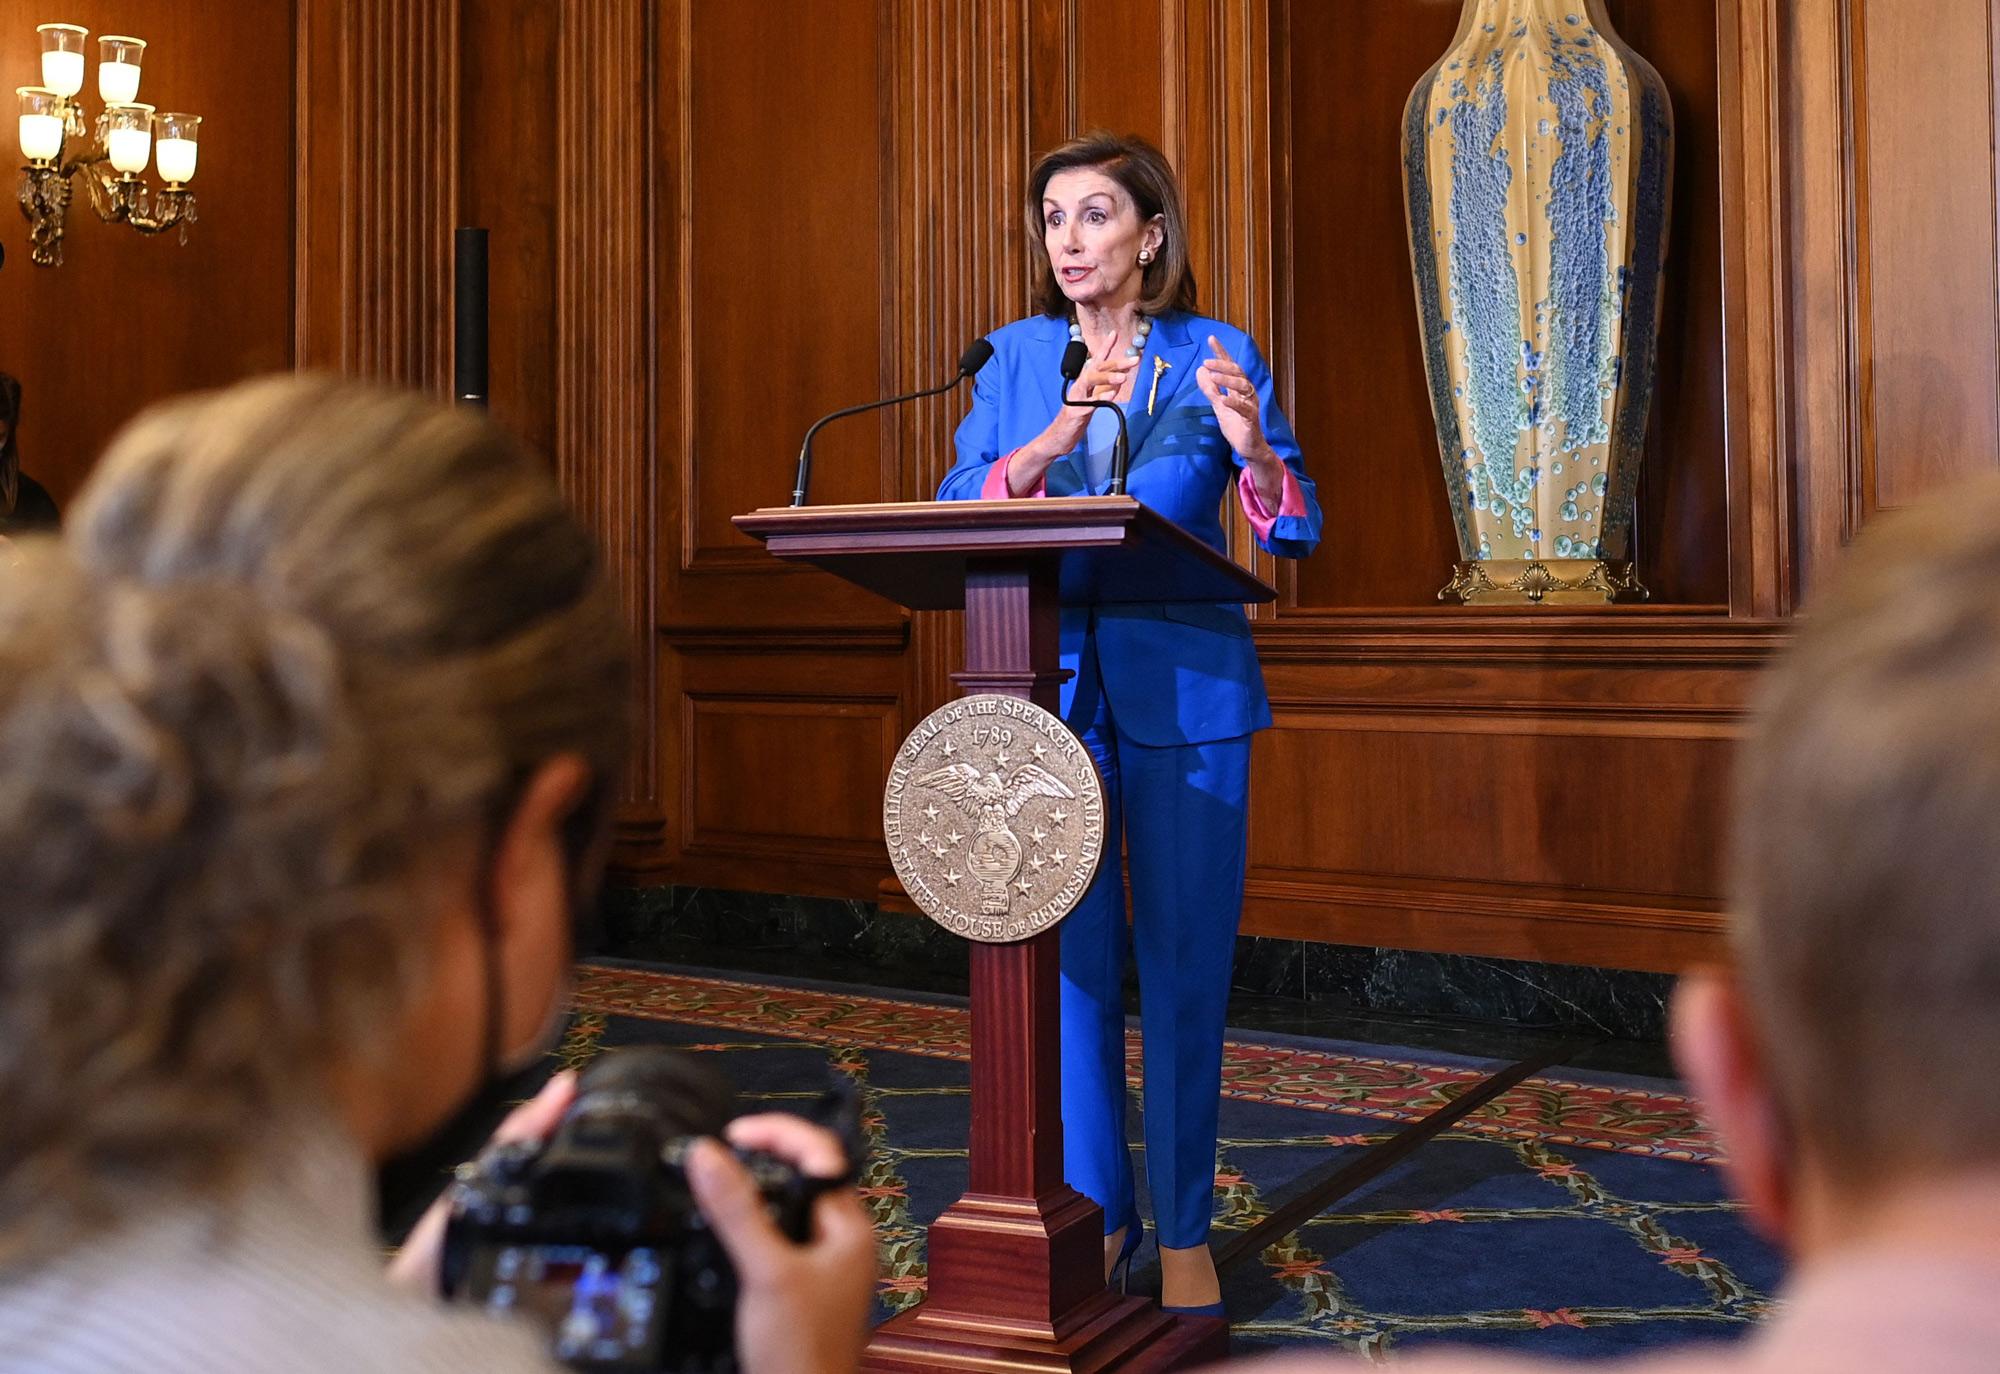 House Speaker Nancy Pelosi speaks at the US Capitol in Washington, DC, on September 30.